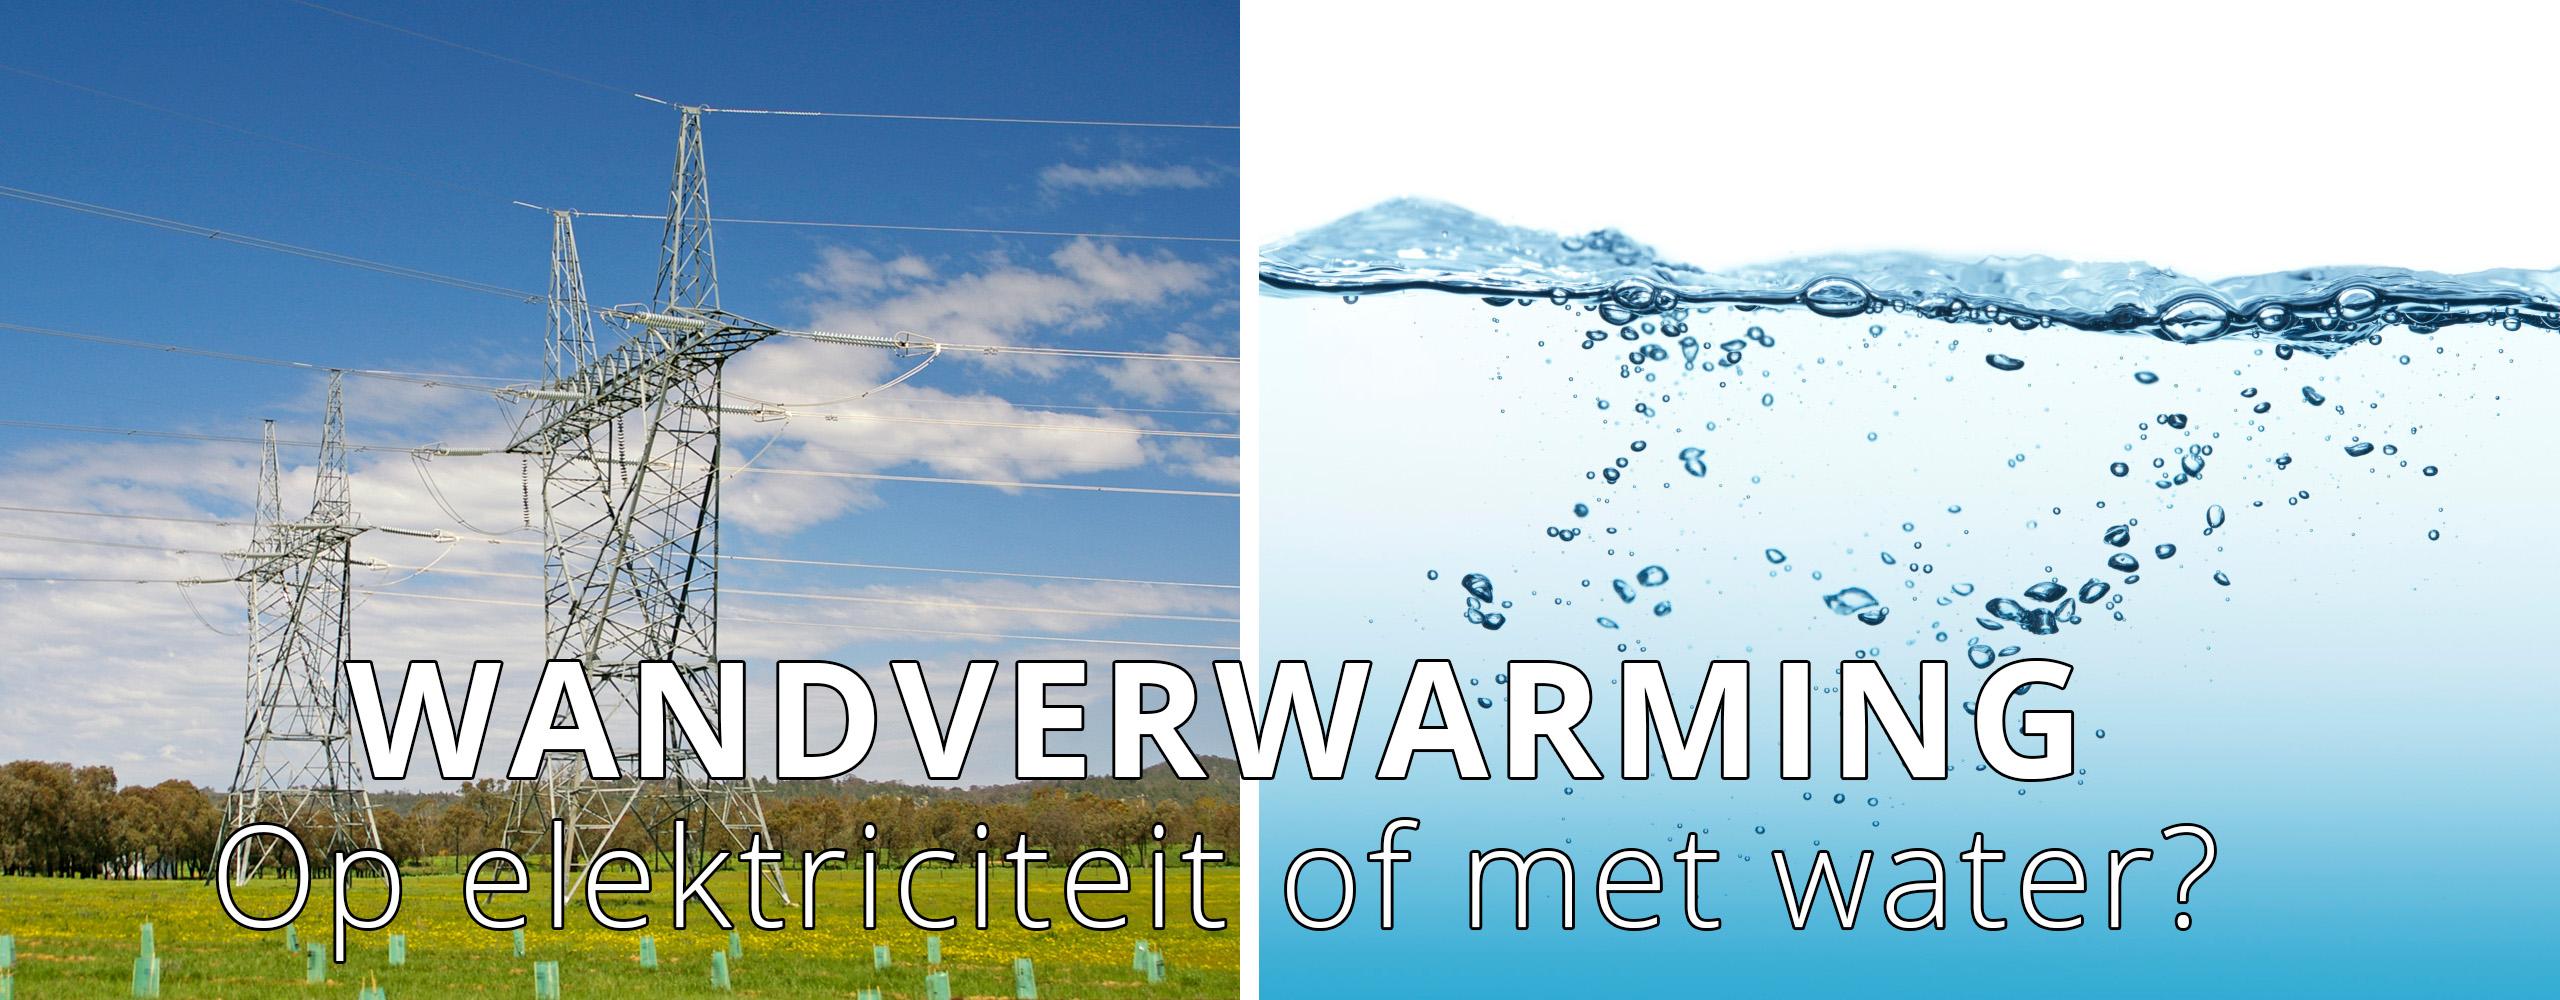 Elektrische wandverwarming of muurverwarming met water?